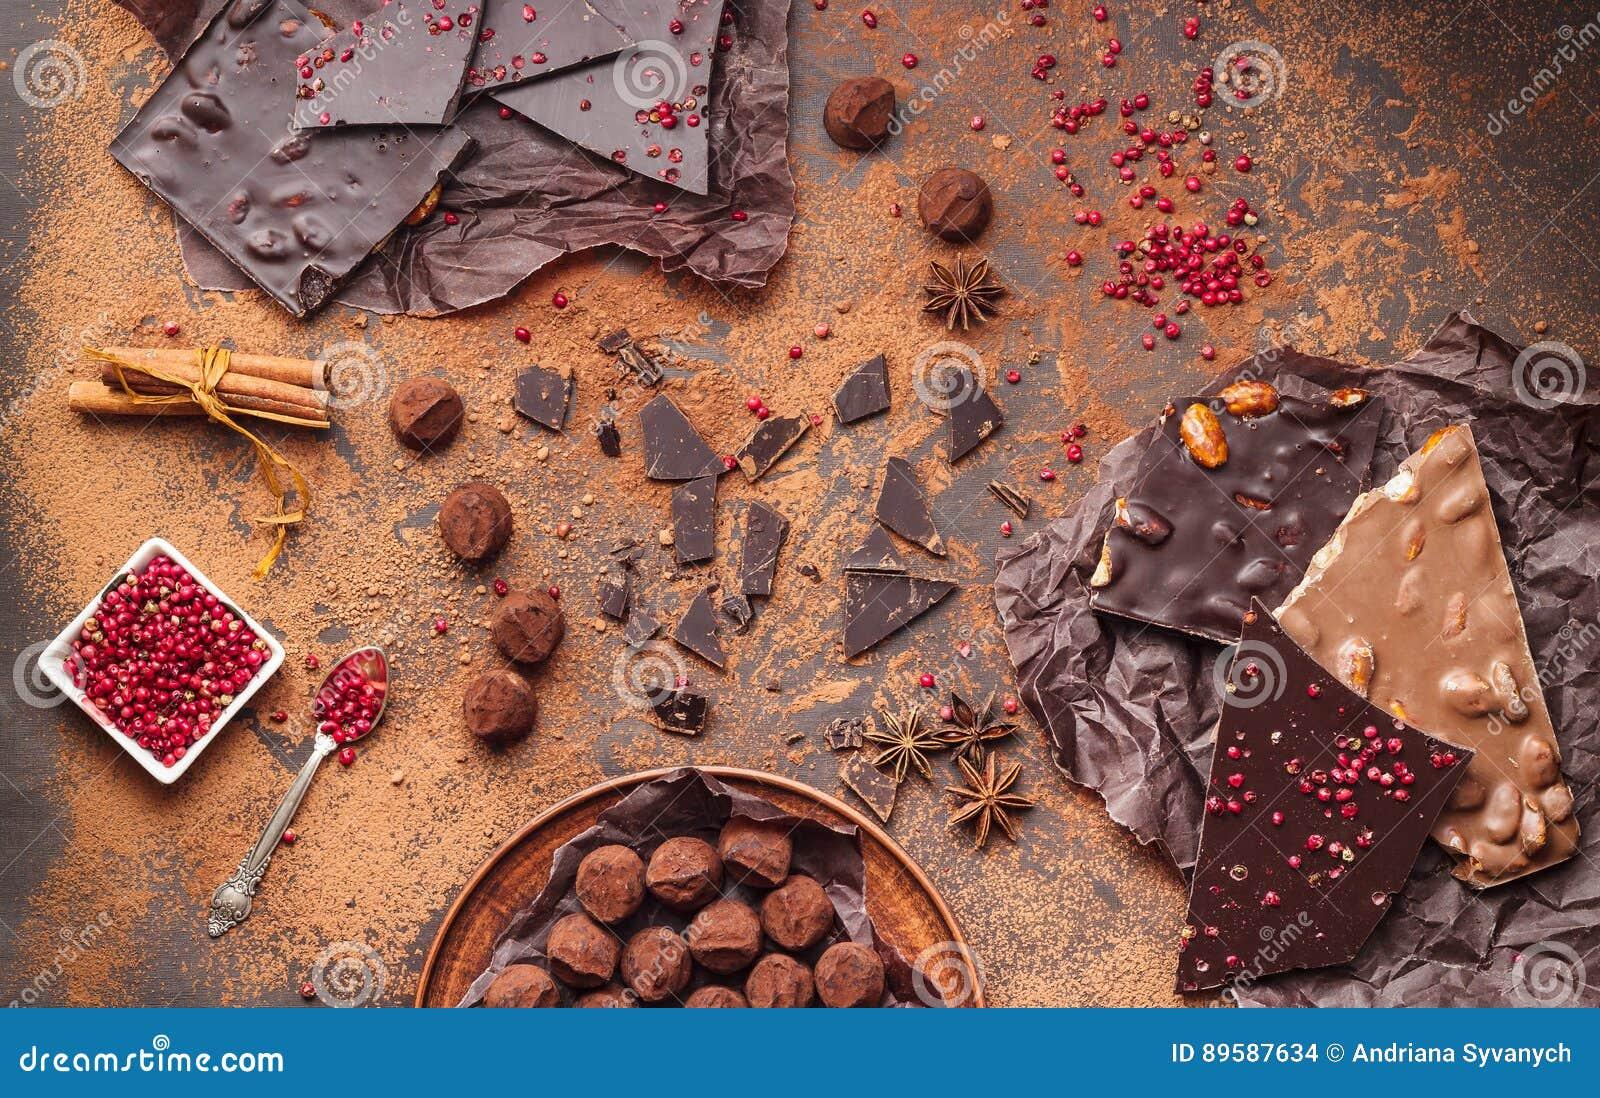 Assortiment van chocoladerepen, truffels, kruiden en cacaopoeder